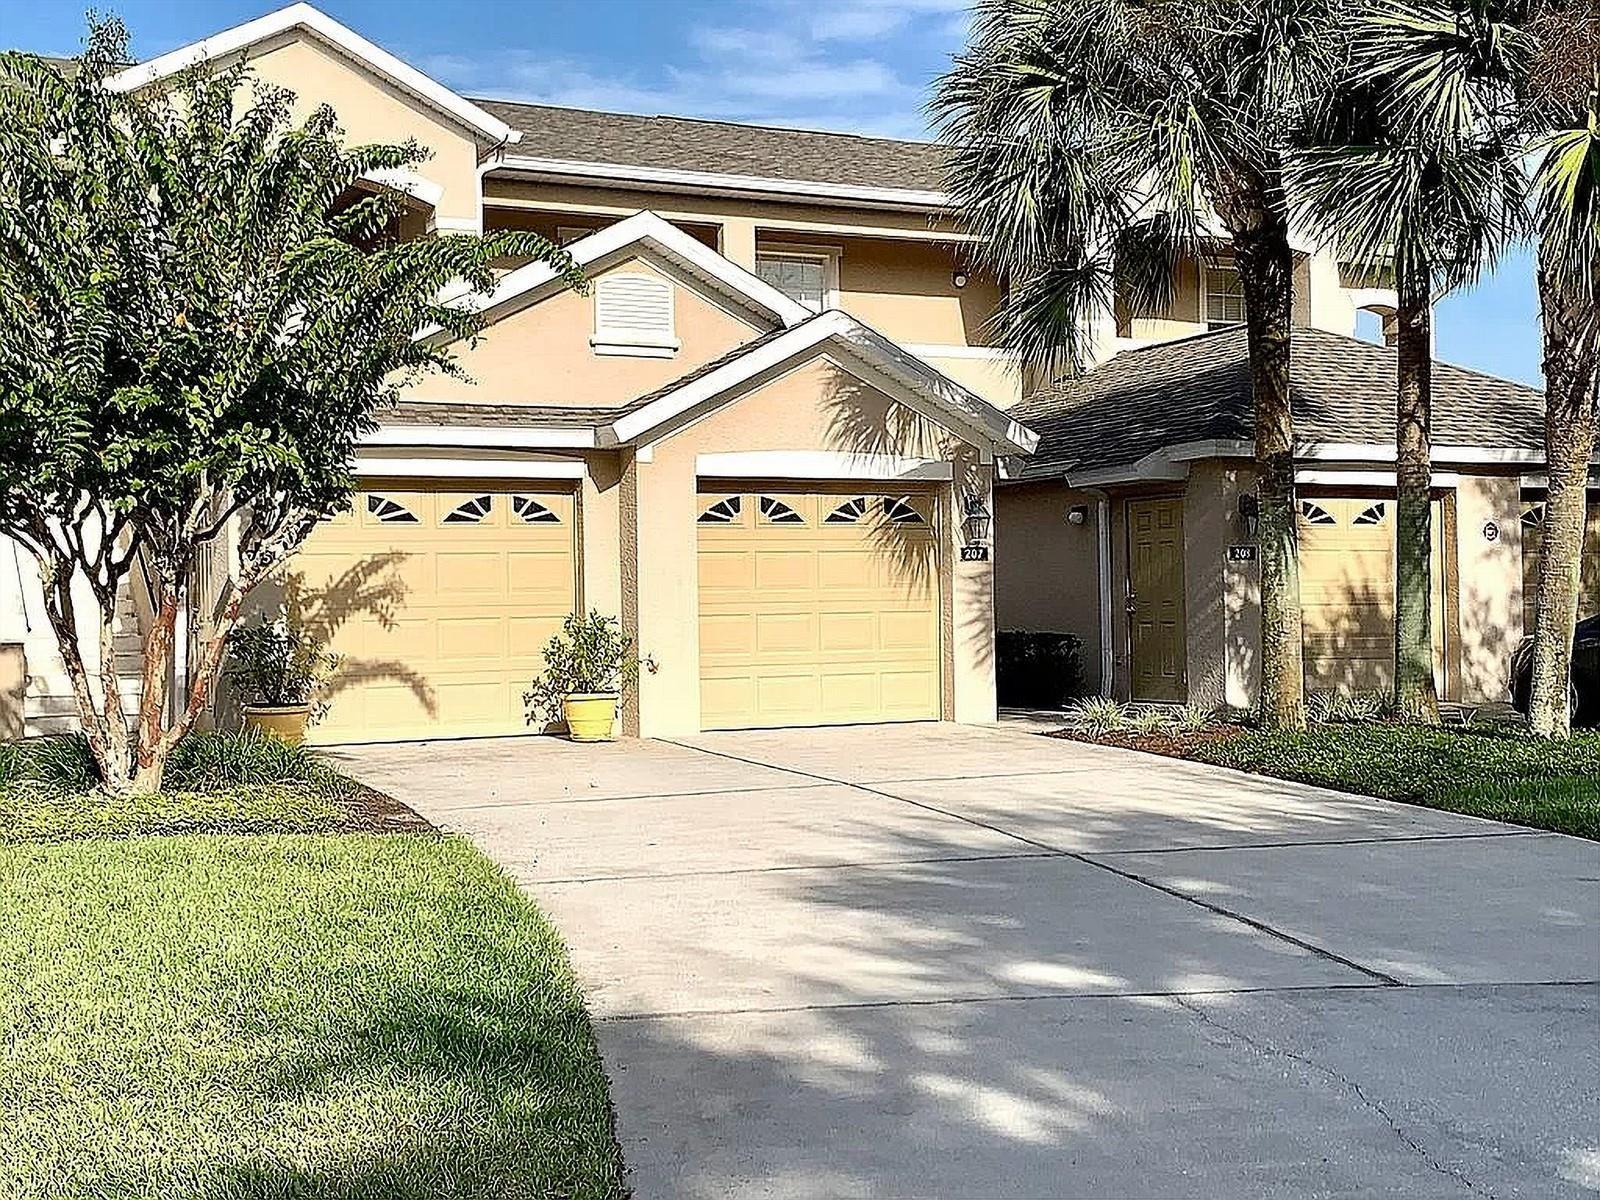 9441 MYRTLE CREEK LANE #207, Orlando, FL 32832 - #: O5973464